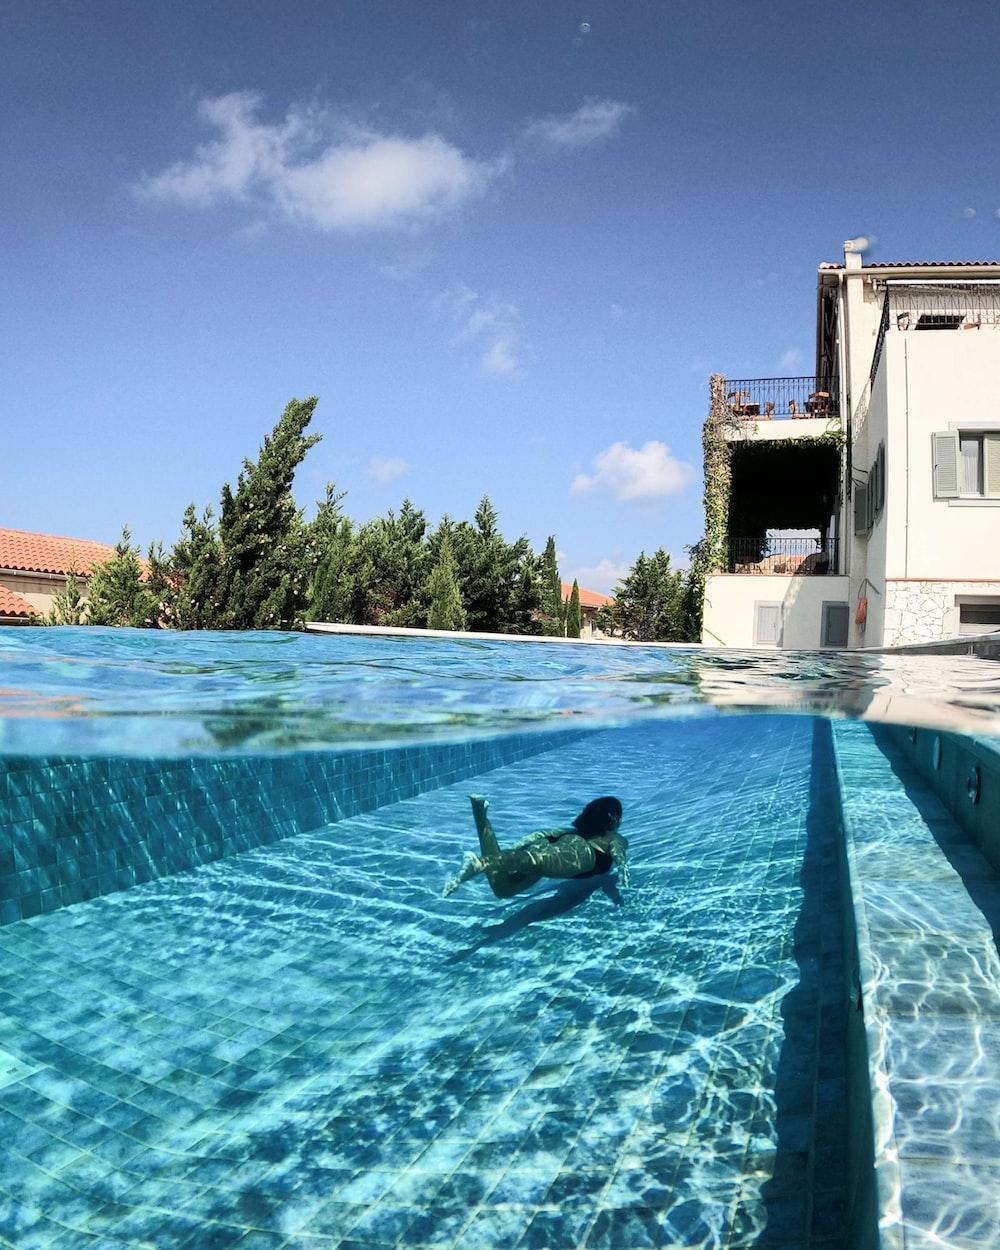 man in swimming pool during daytime